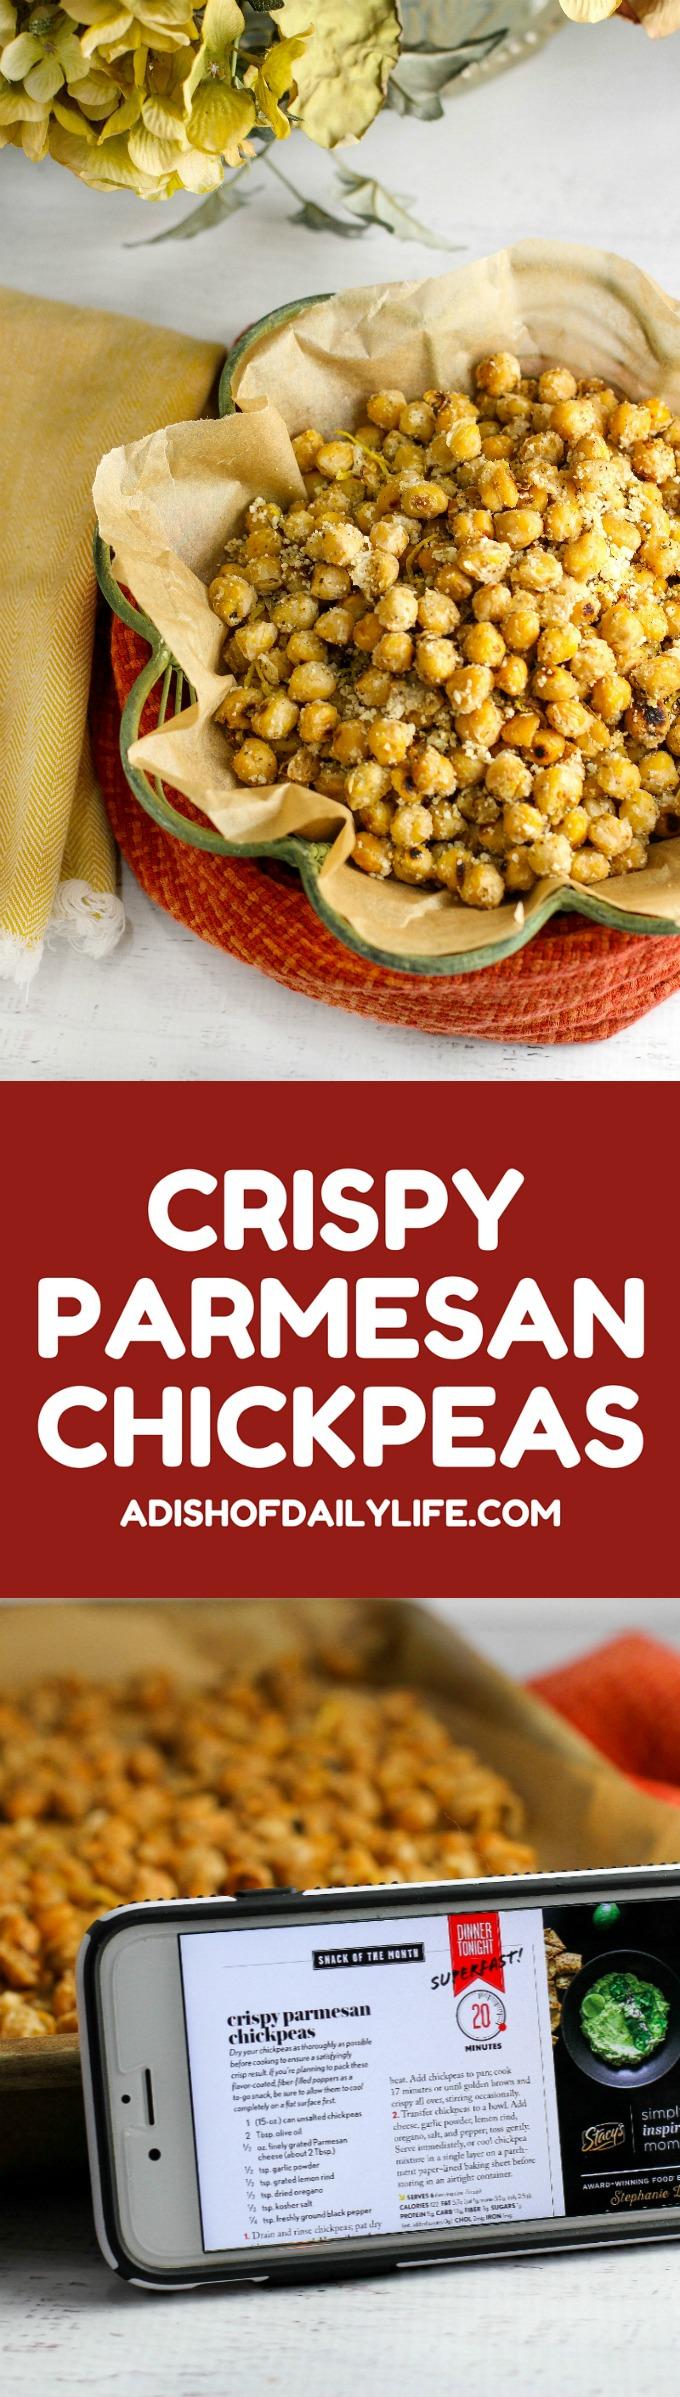 Crispy Parmesan Chickpeas